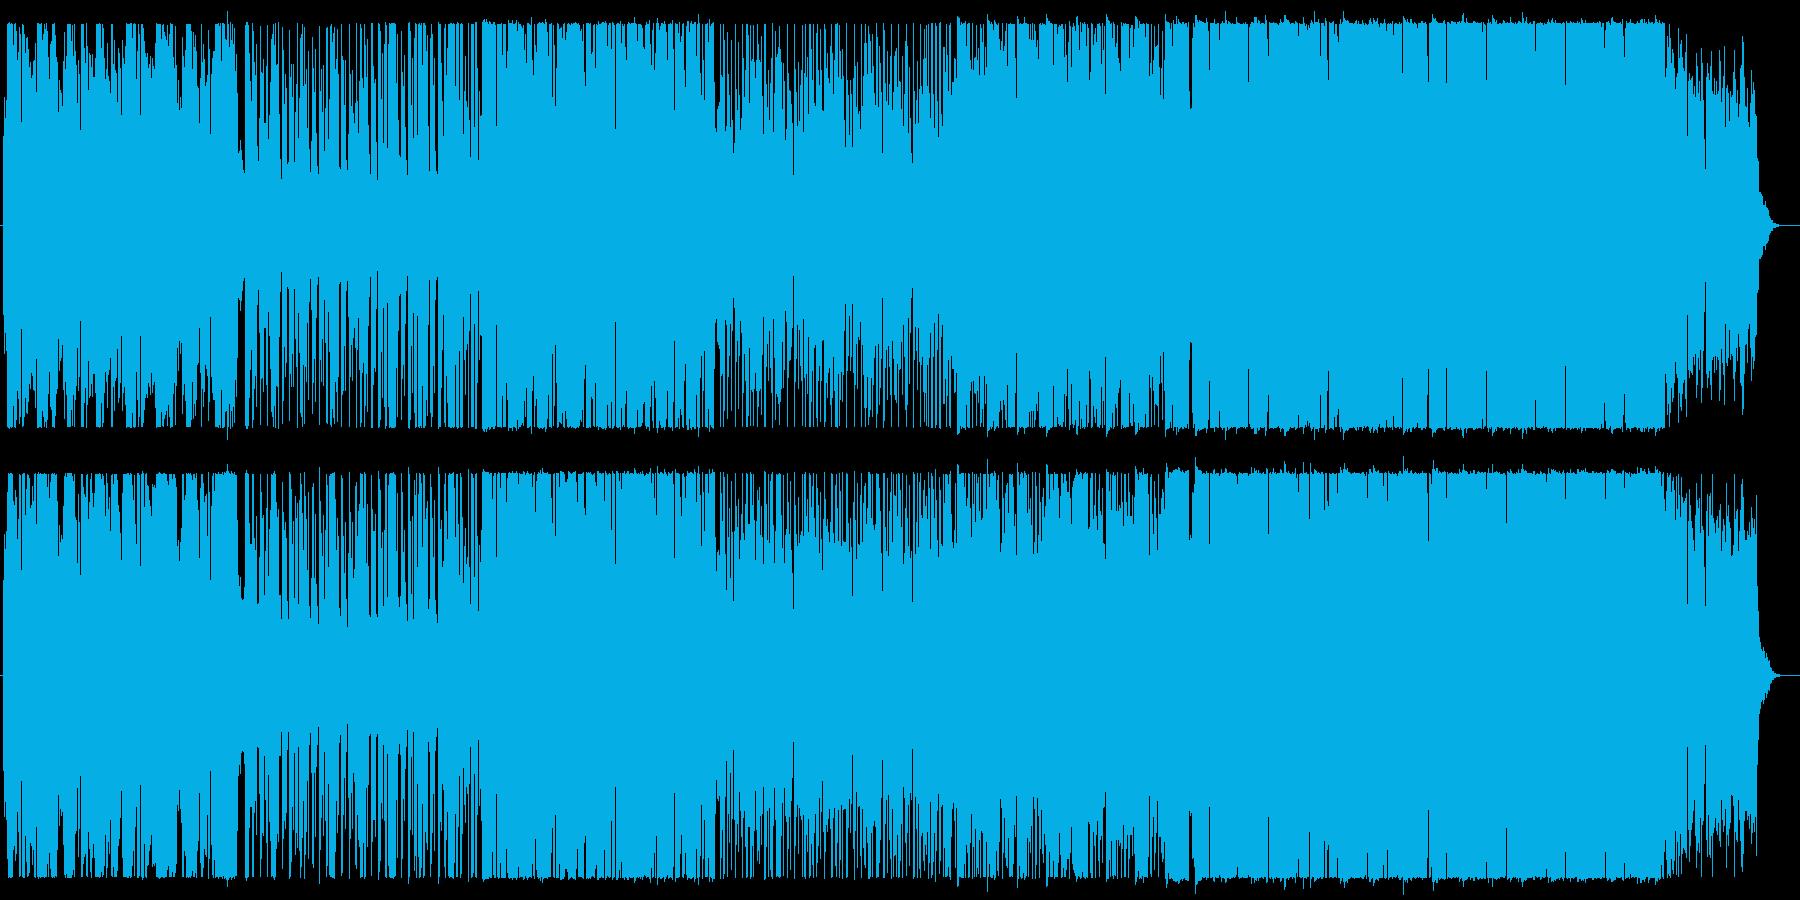 和楽器を使用したほのぼのPOPSの再生済みの波形